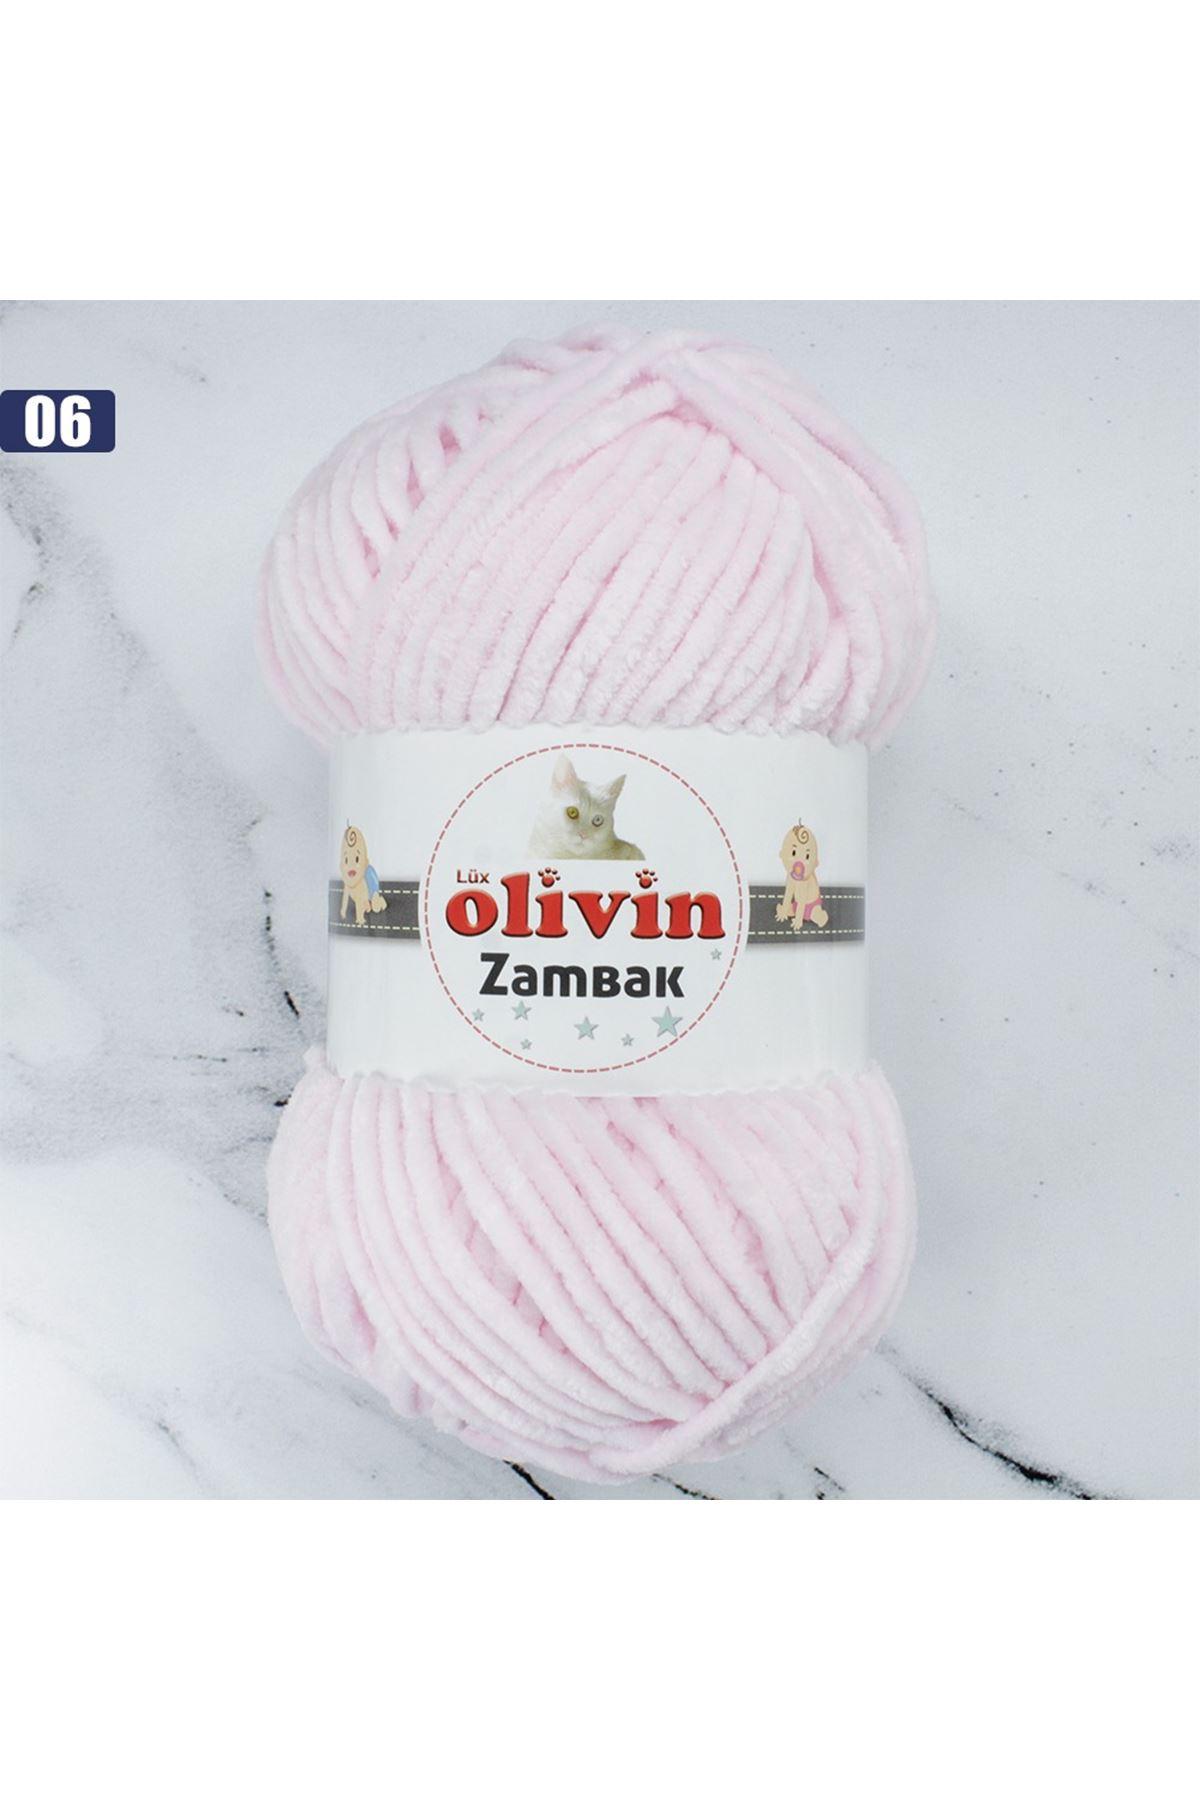 Olivin Zambak 06